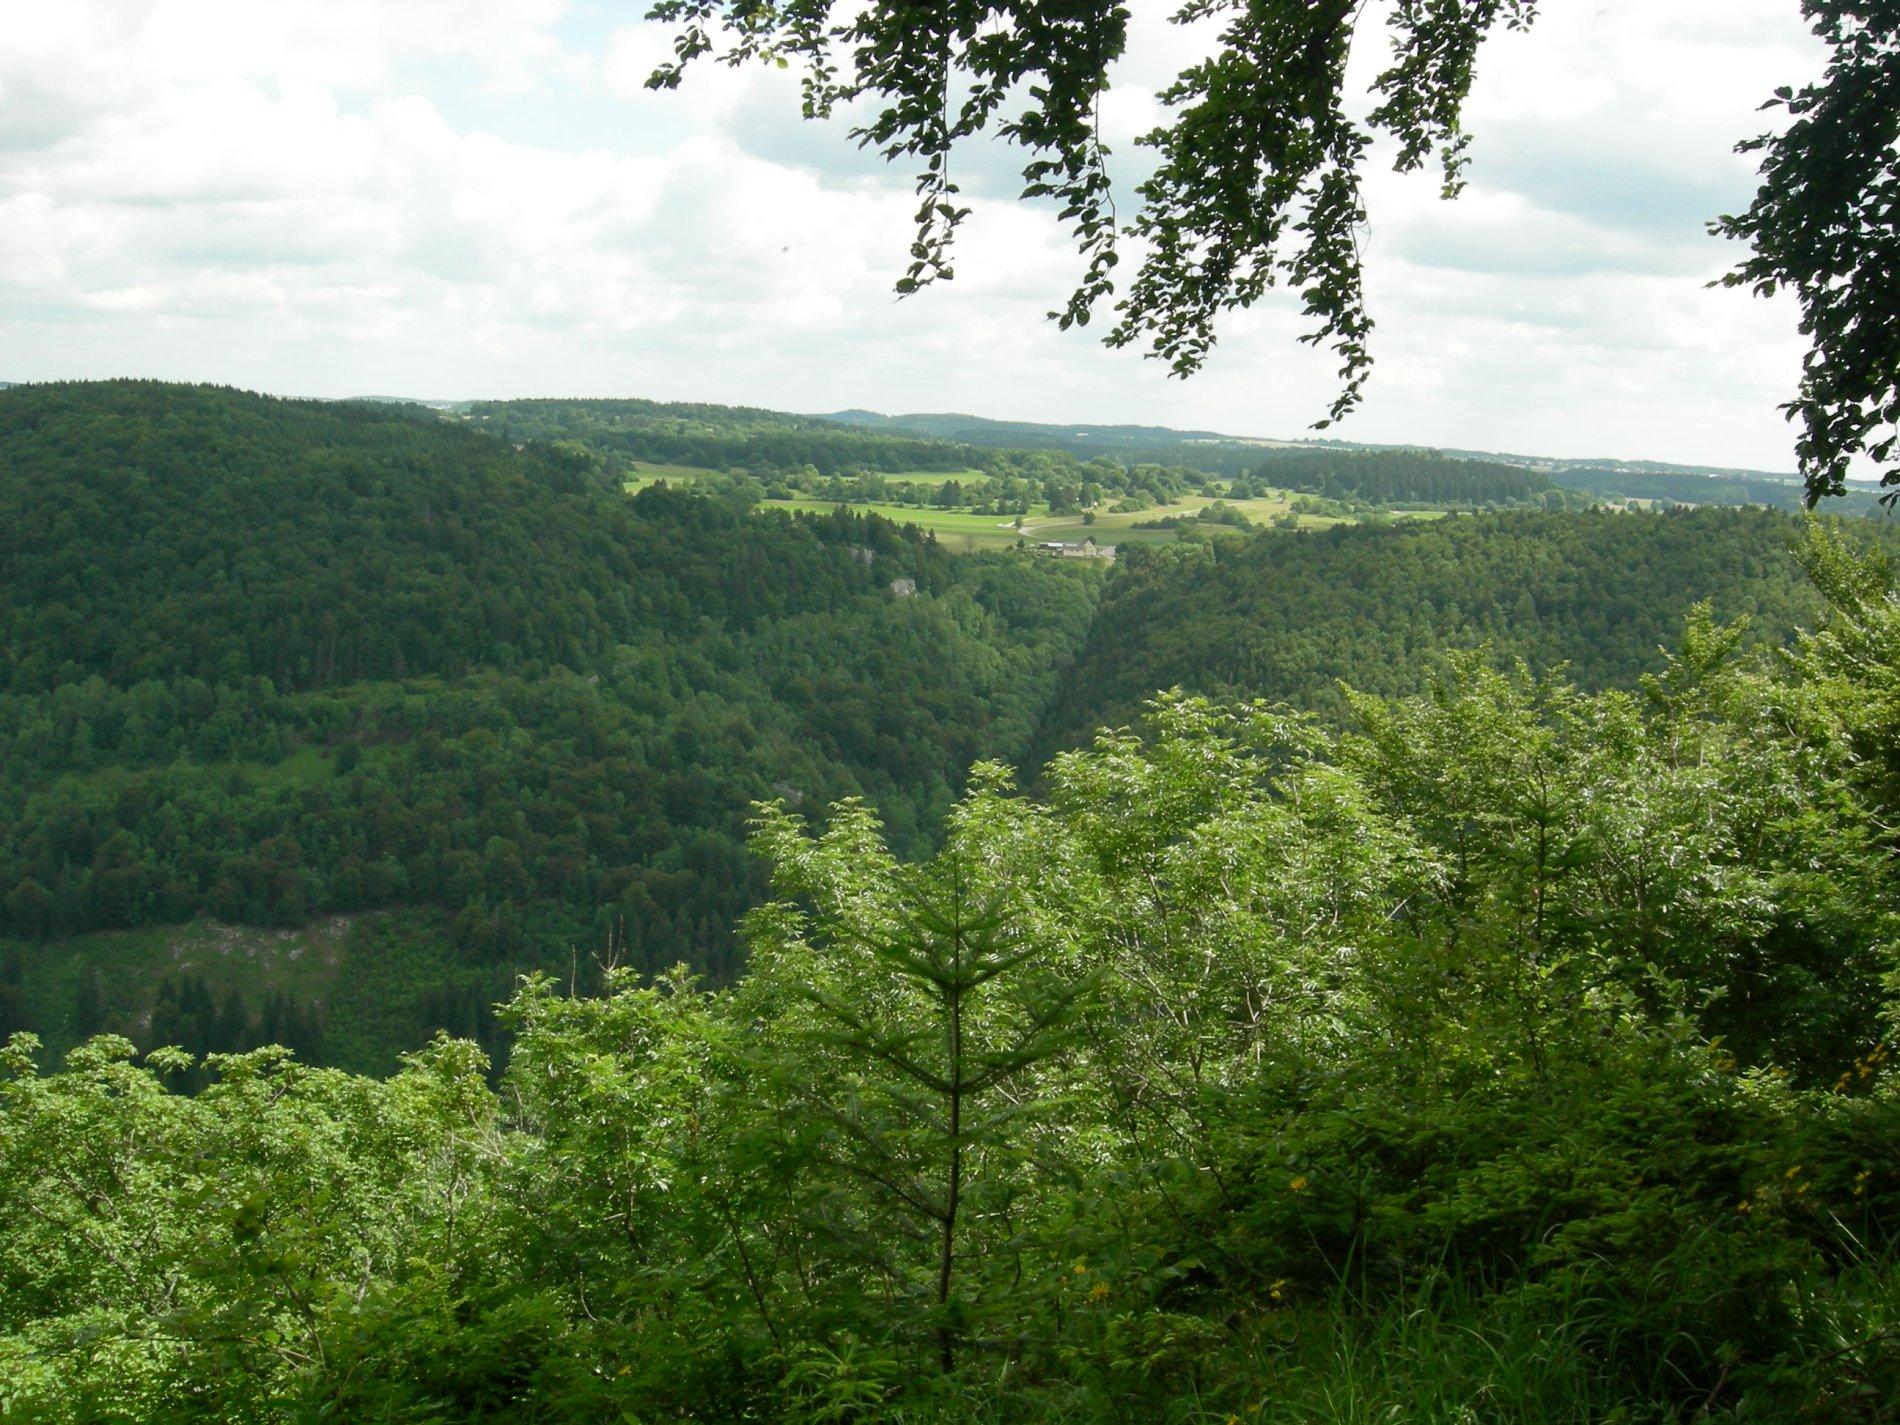 Aussicht vom Staufenberg-Weg auf bewaldete Hügel